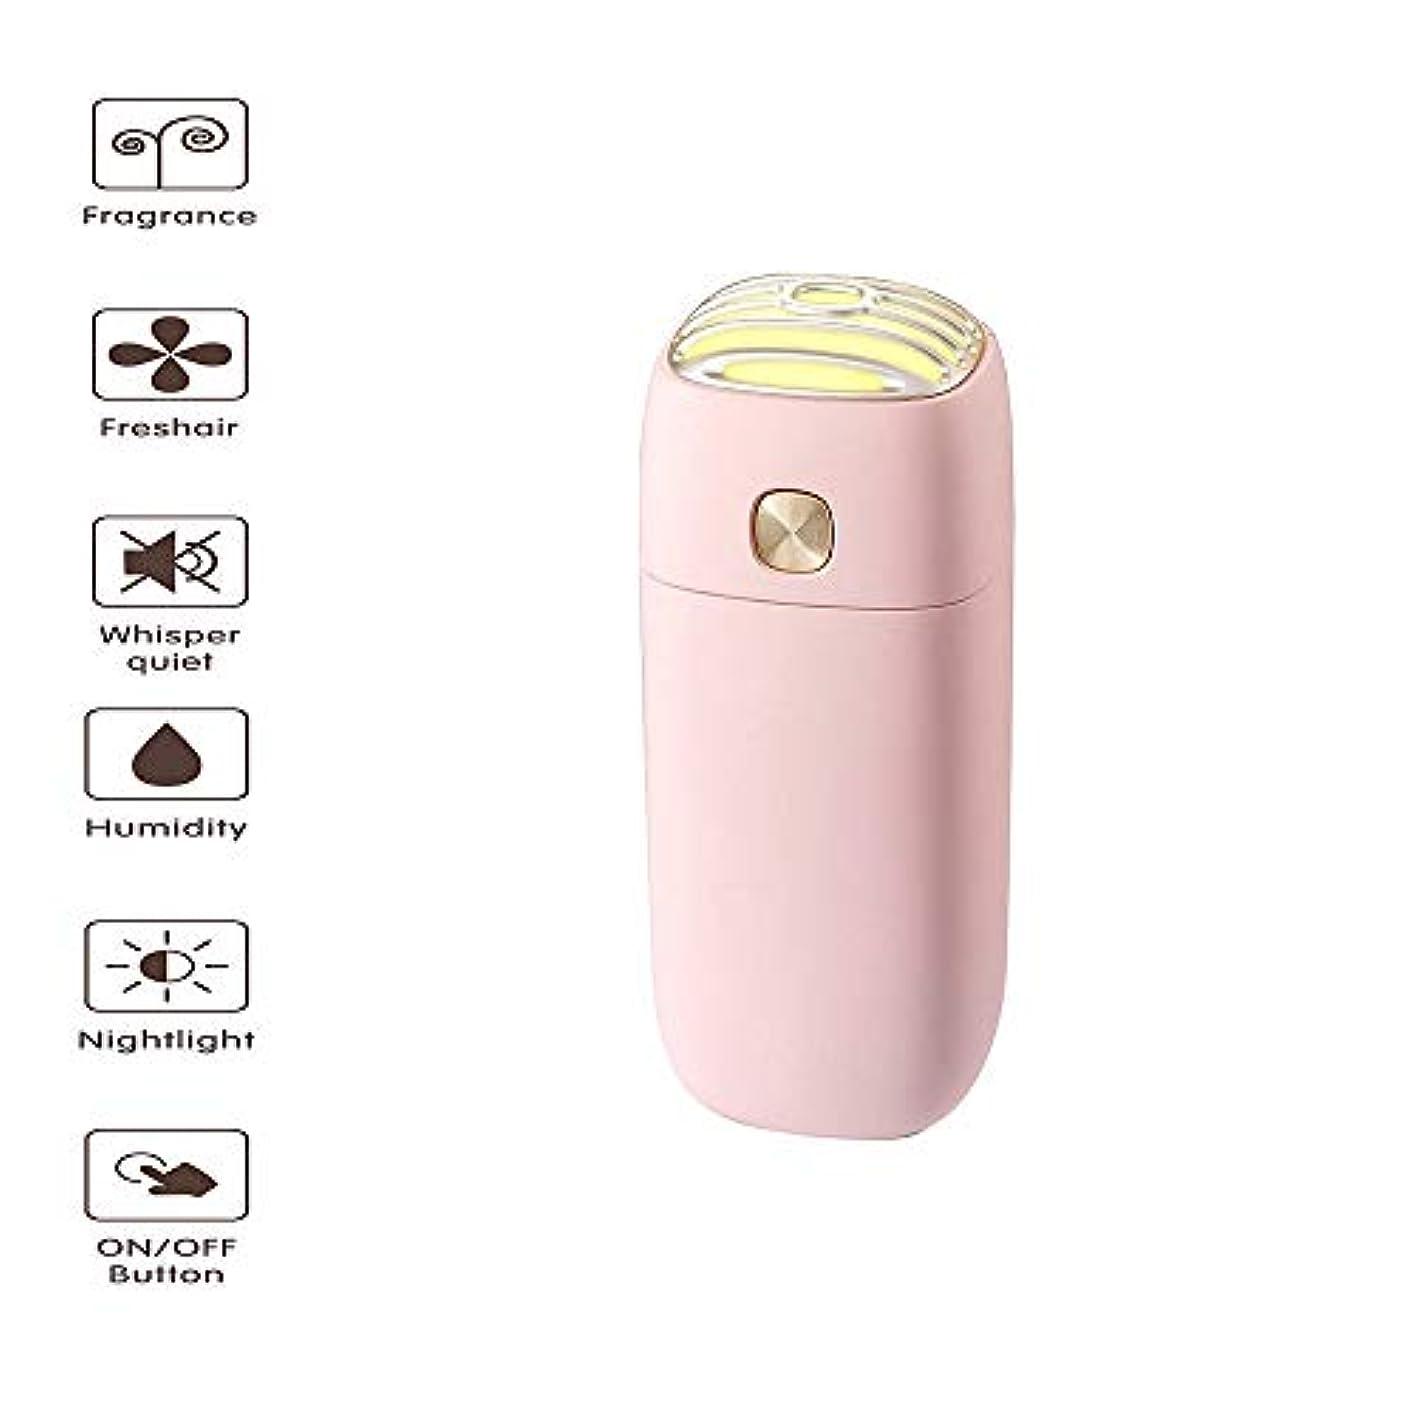 遺体安置所あたたかい主流アロマセラピーエッセンシャルオイルディフューザー芳香加湿器タイマーと水なし自動消灯LEDナイトライト空気清浄機ヨガ - ホーム,Pink